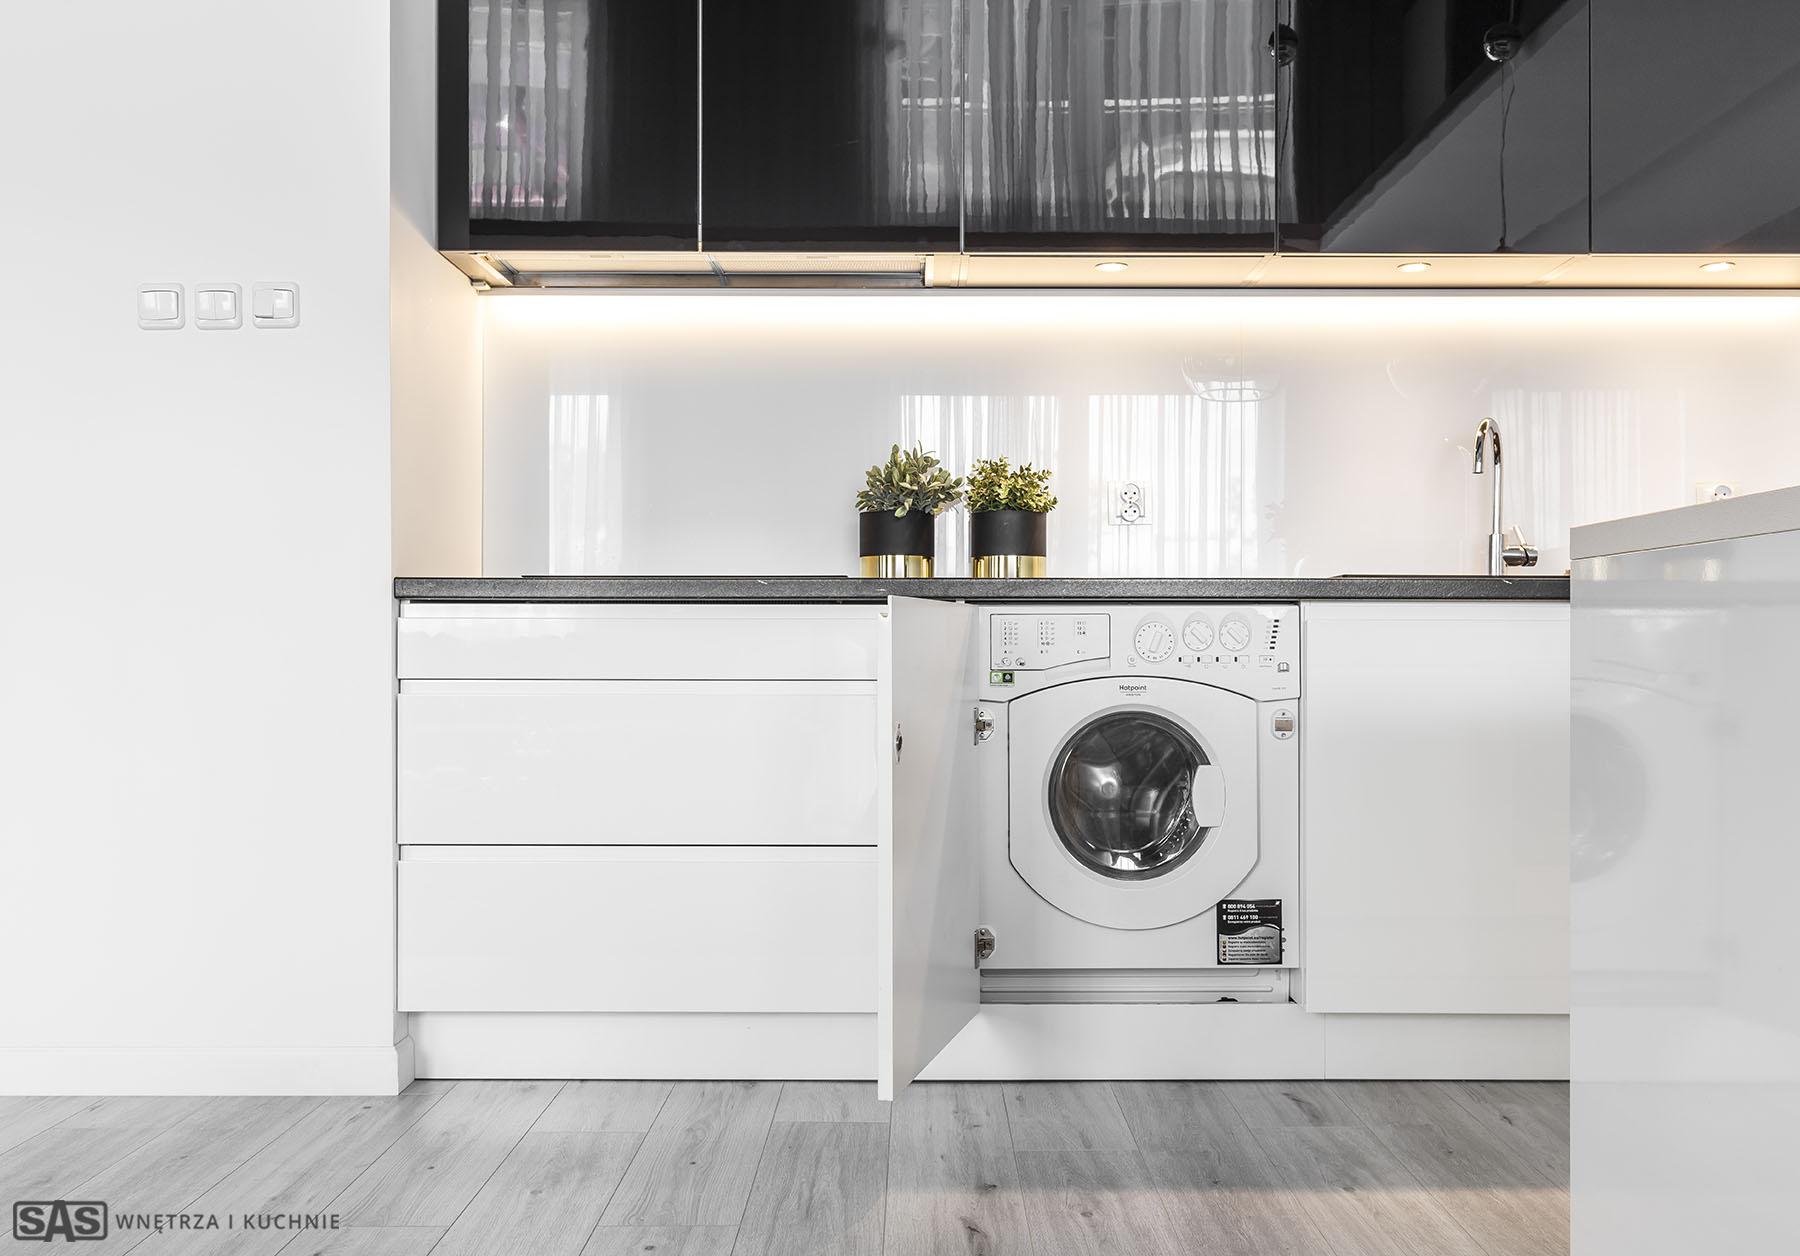 Meble kuchenne w wykonaniu firmy SAS Wnętrza i Kuchnie. Projekt architekt wnętrz Emilia Strzempek Plasun. Meble kuchenne funkcjonalne i praktyczne.